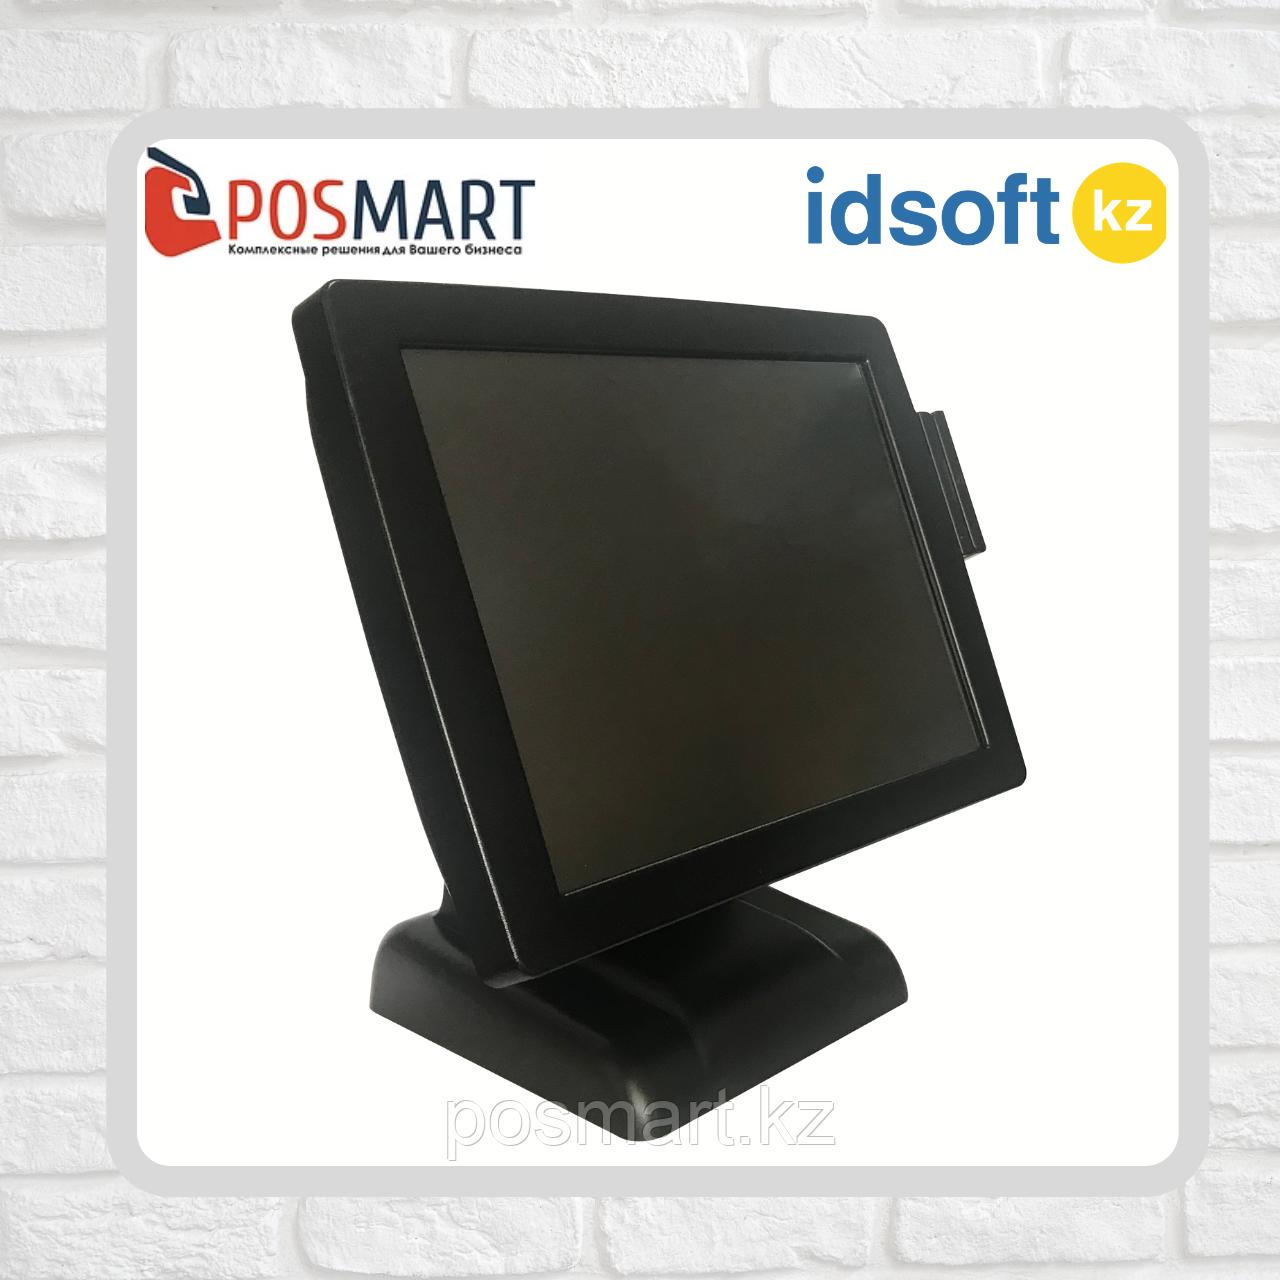 Сенсорный моноблок IDSOFT ID4000